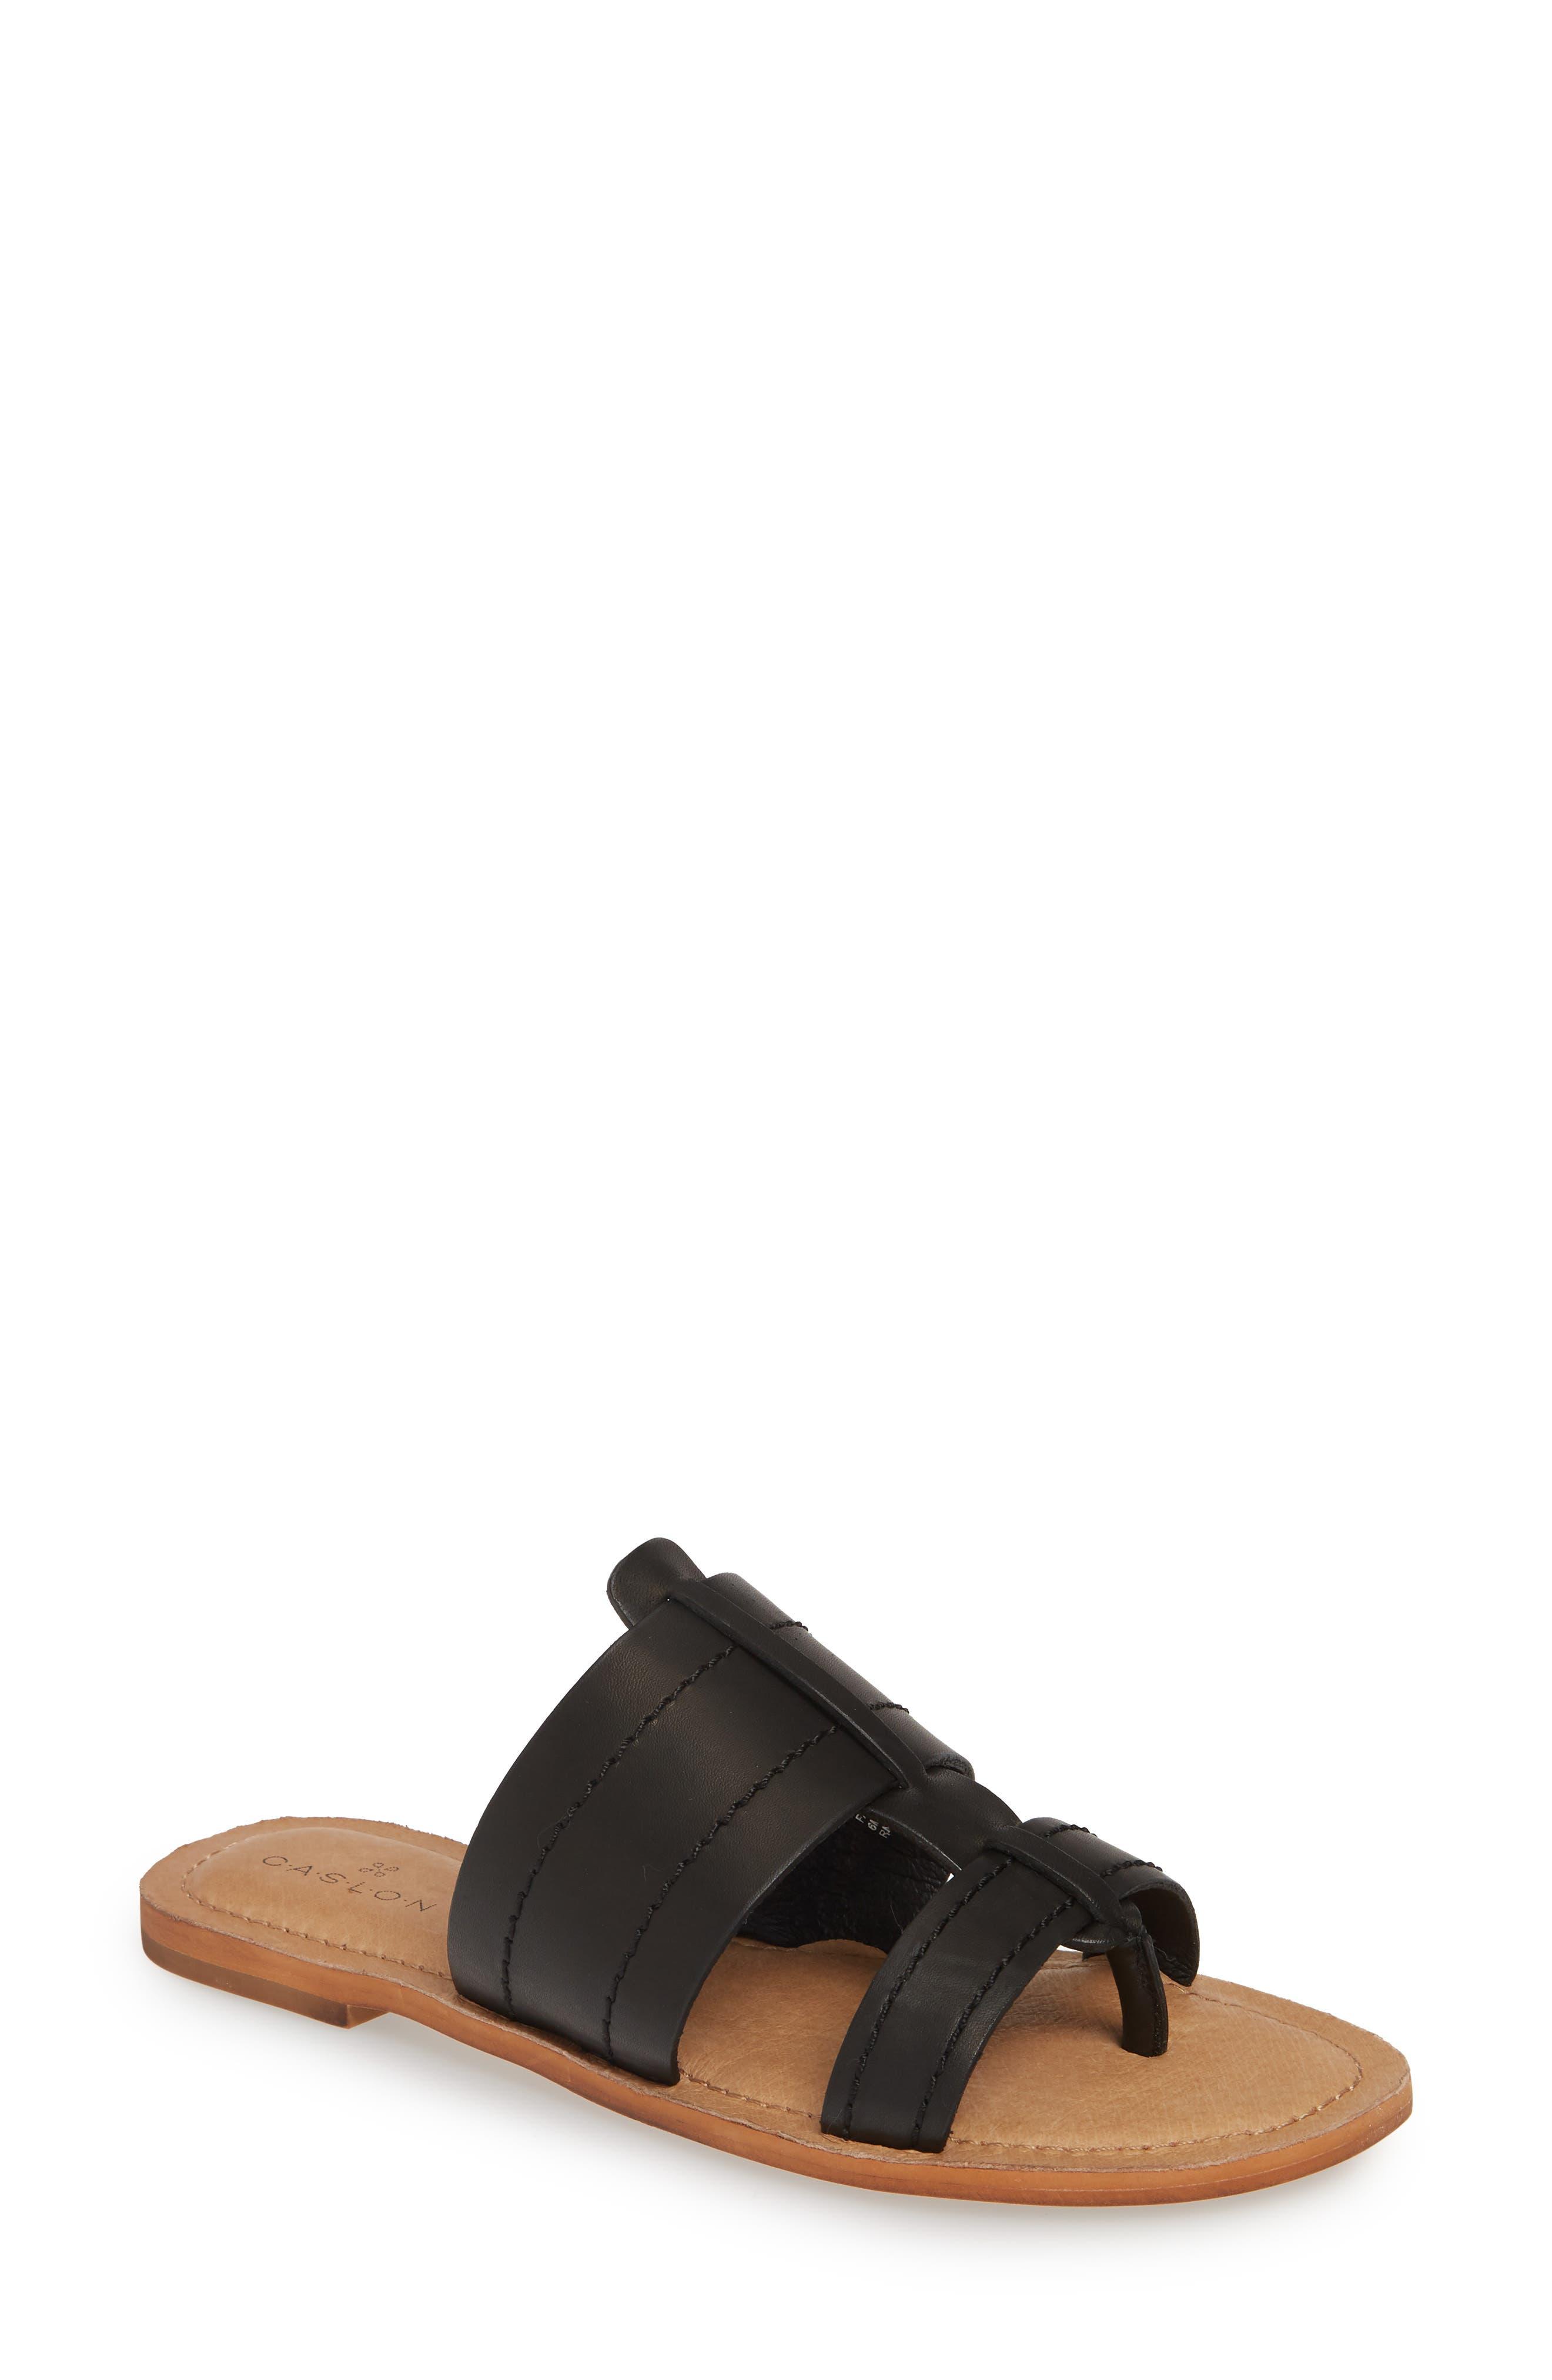 Mateo Slide Sandal, Main, color, BLACK LEATHER